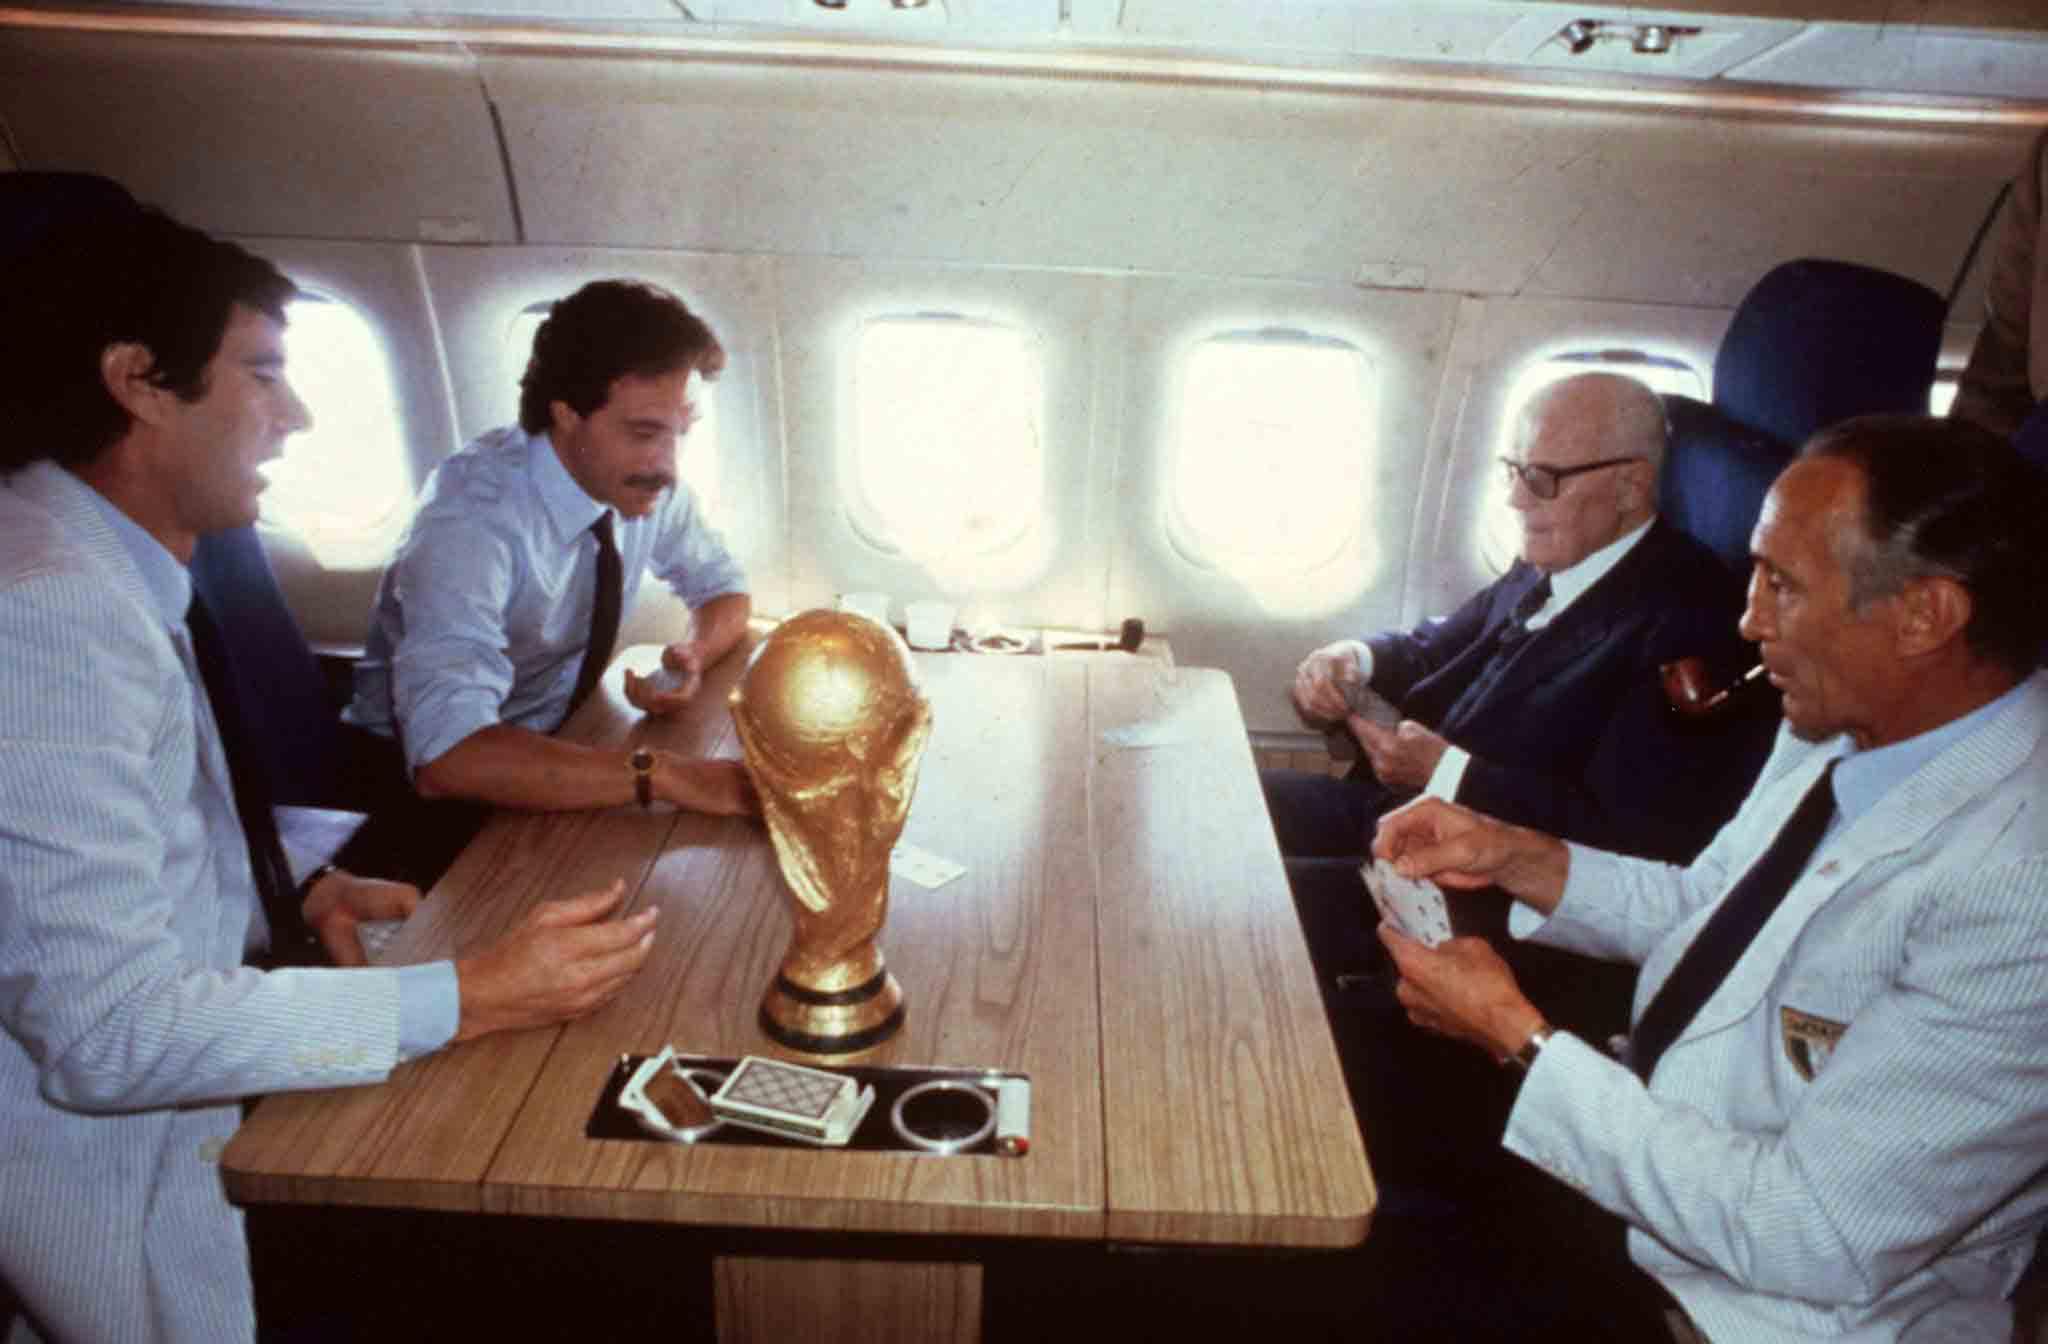 Pertini con Causio, Zoff e Bearzot sull'aereo presidenziale (1982)